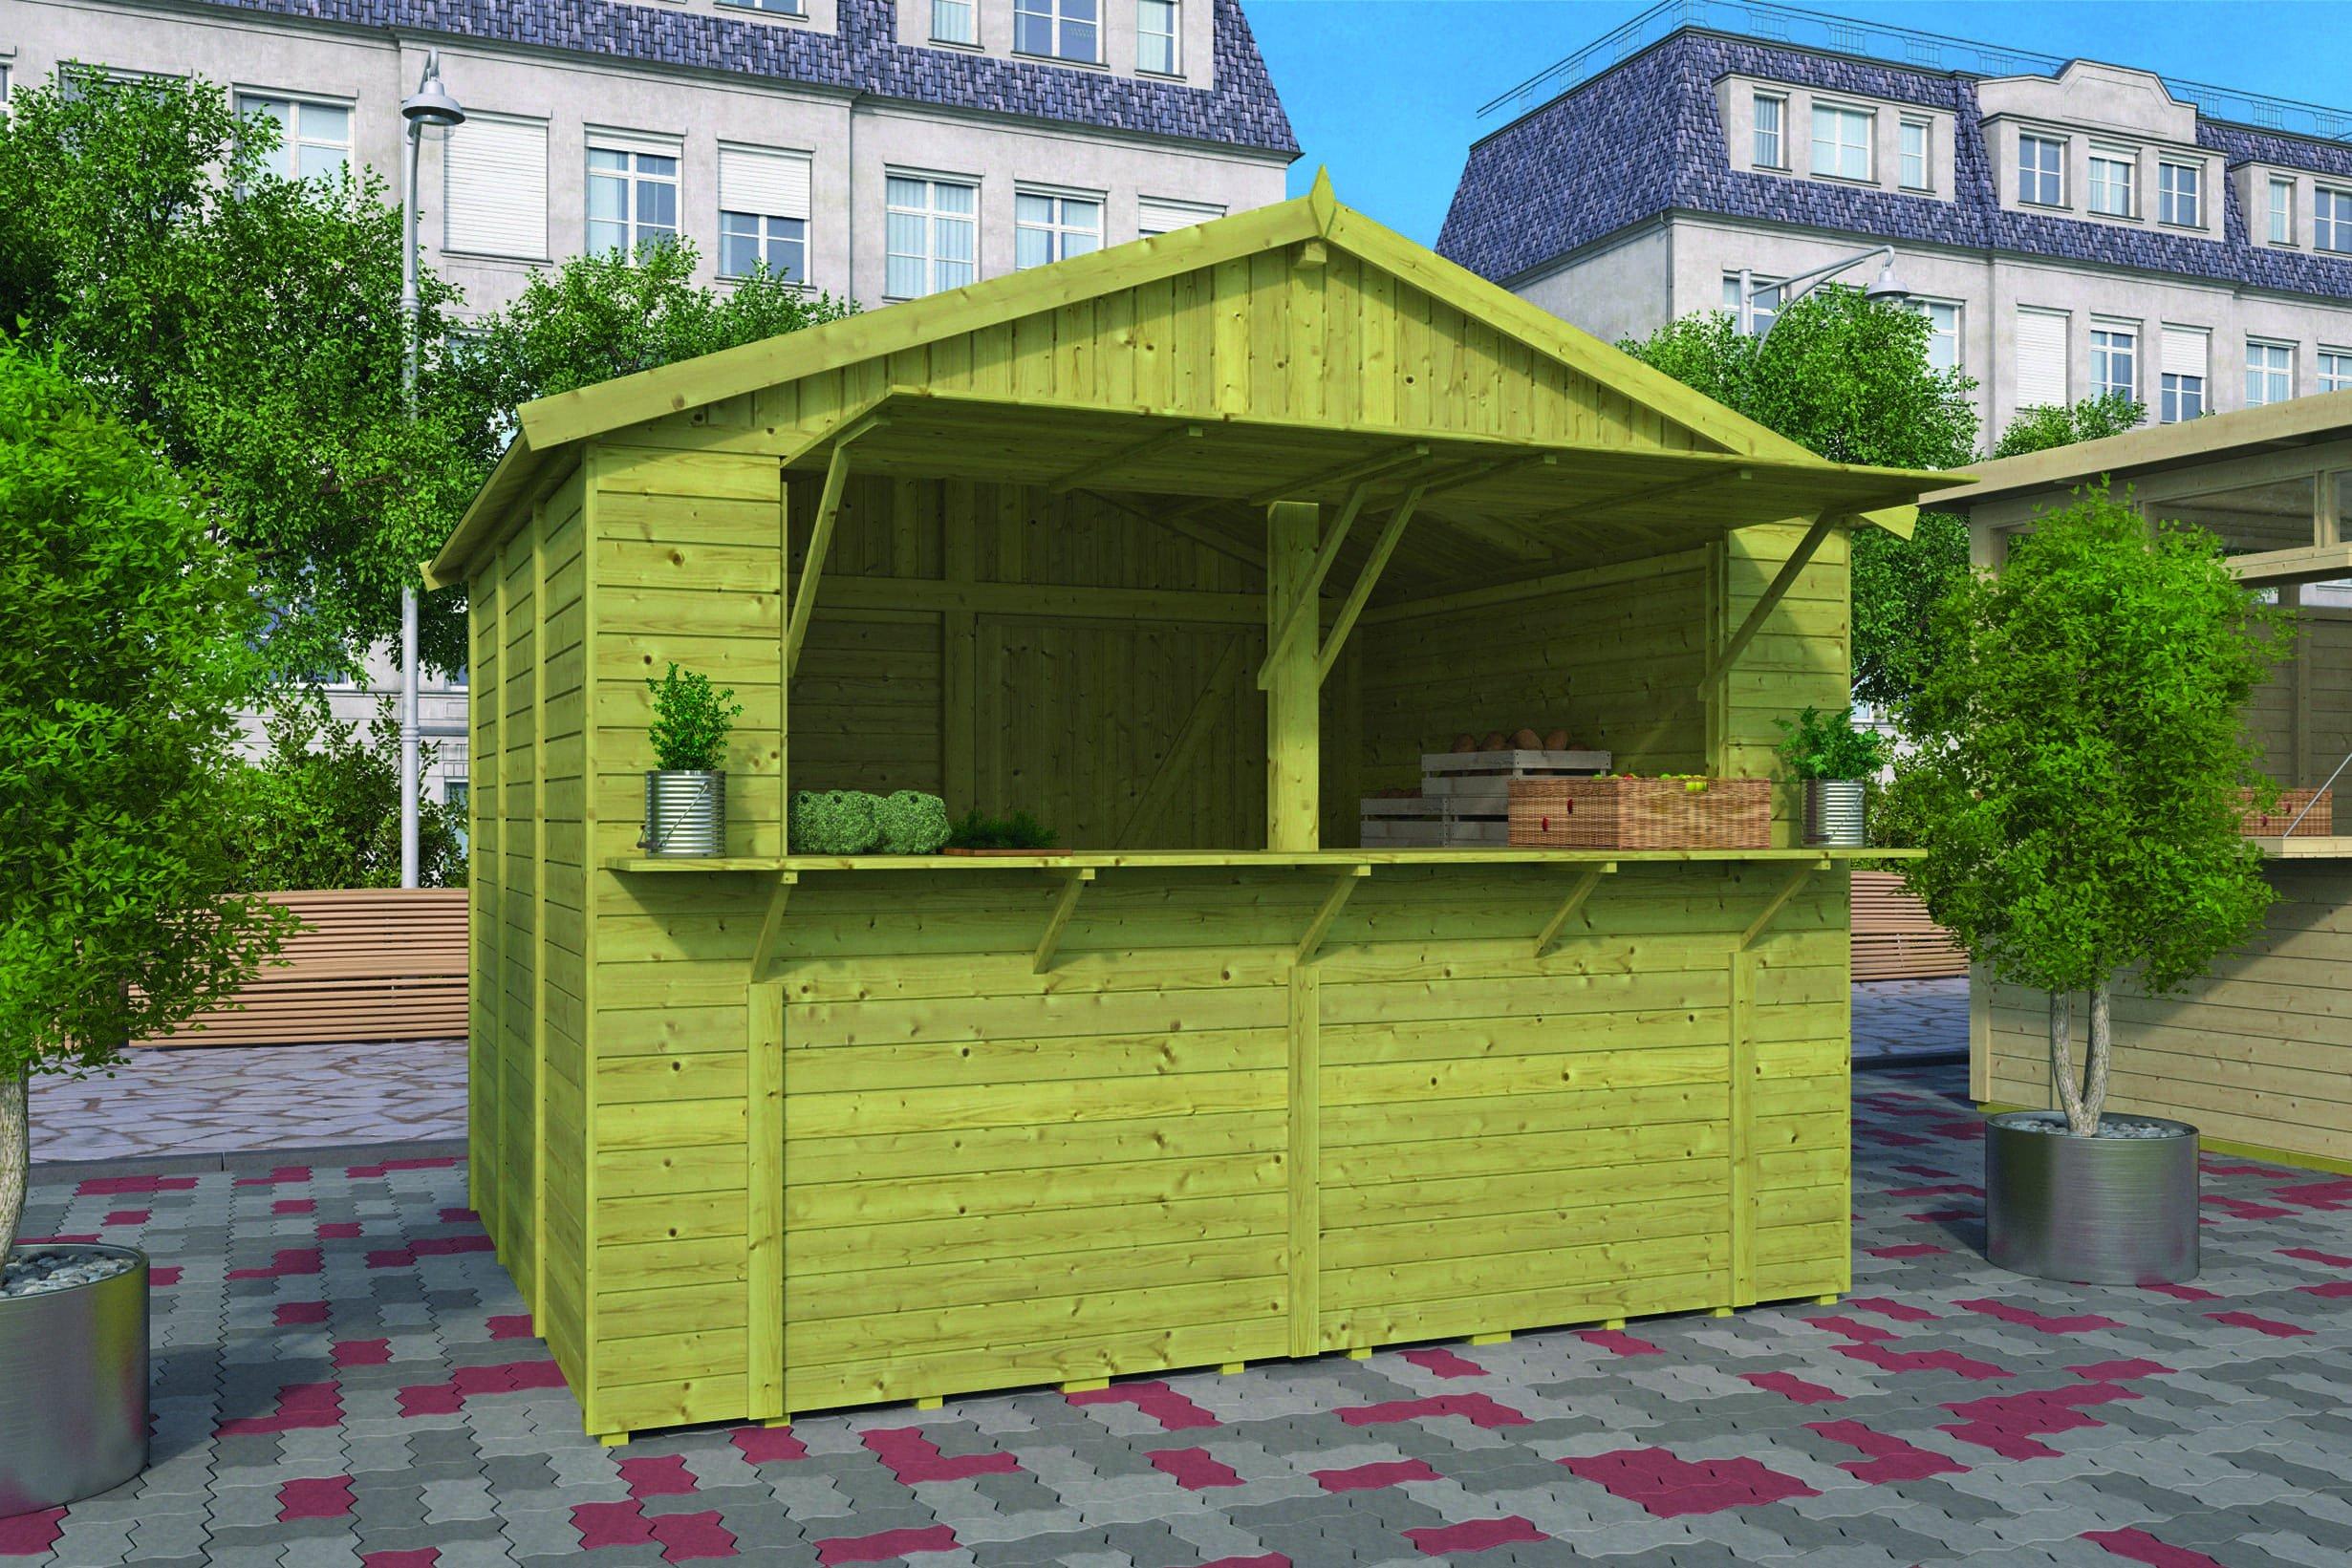 Houten Kiosk 300 x 250 x 260 cm. Type: Basic